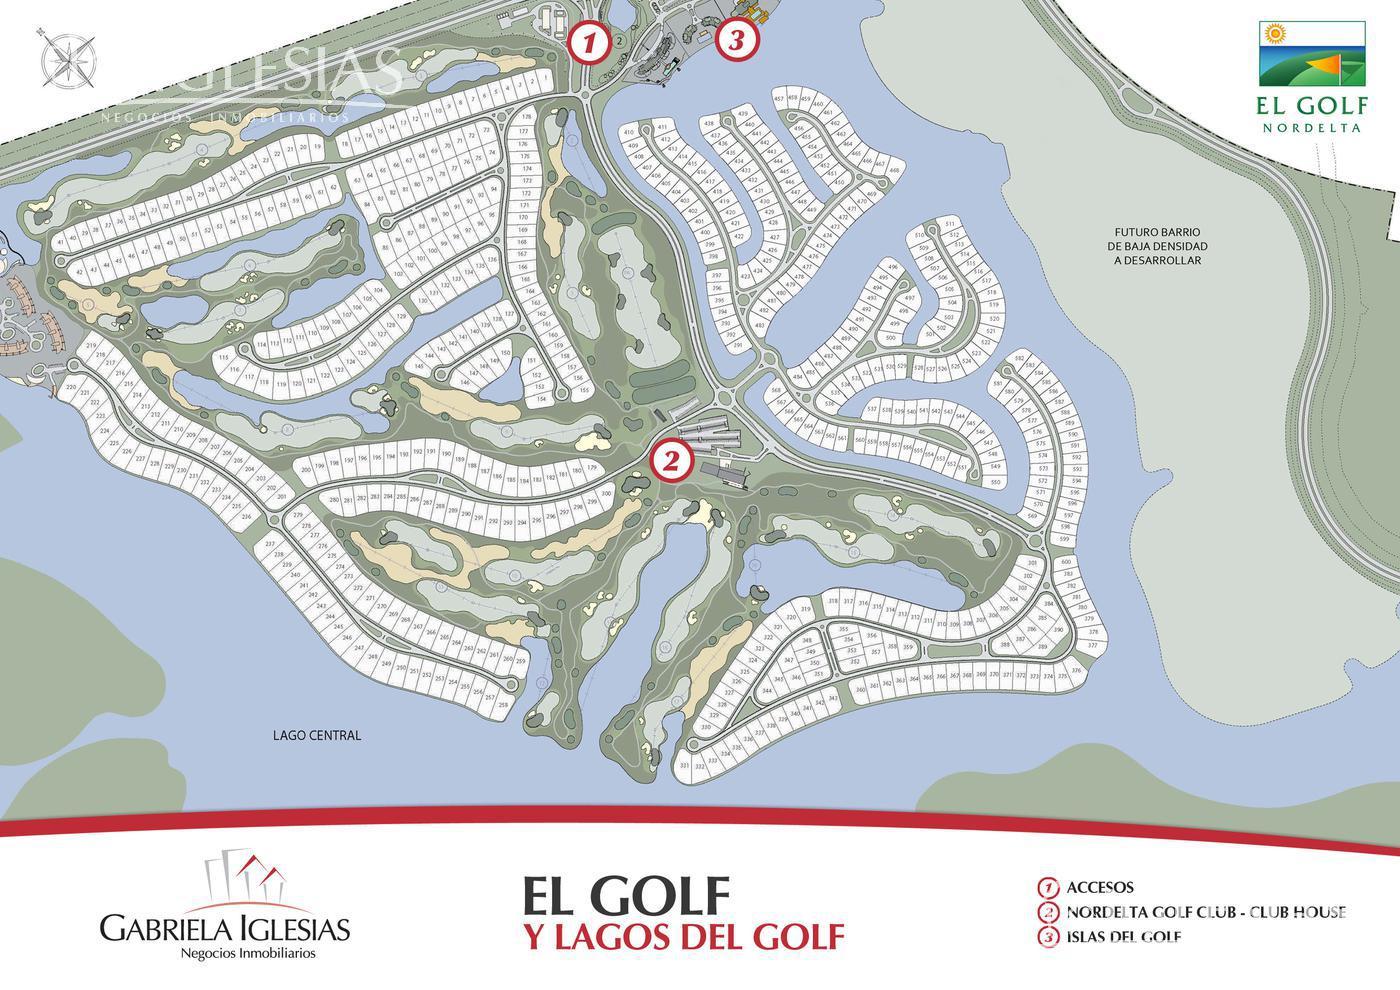 Terreno en Venta en El Golf a Venta - u$s 350.000